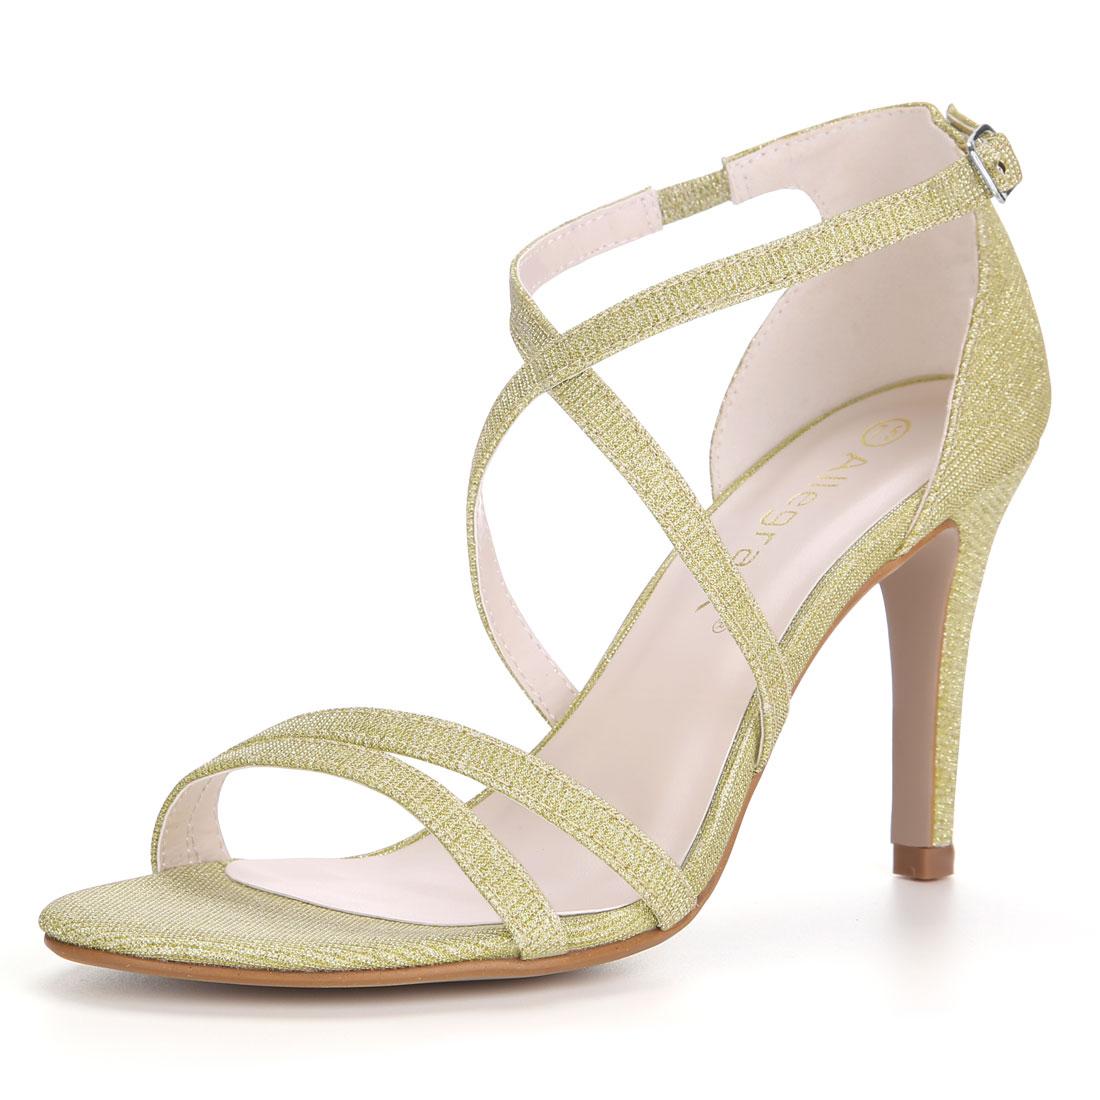 Allegra K Women's Glitter Design Stiletto Heel Strappy Sandals Gold US 6